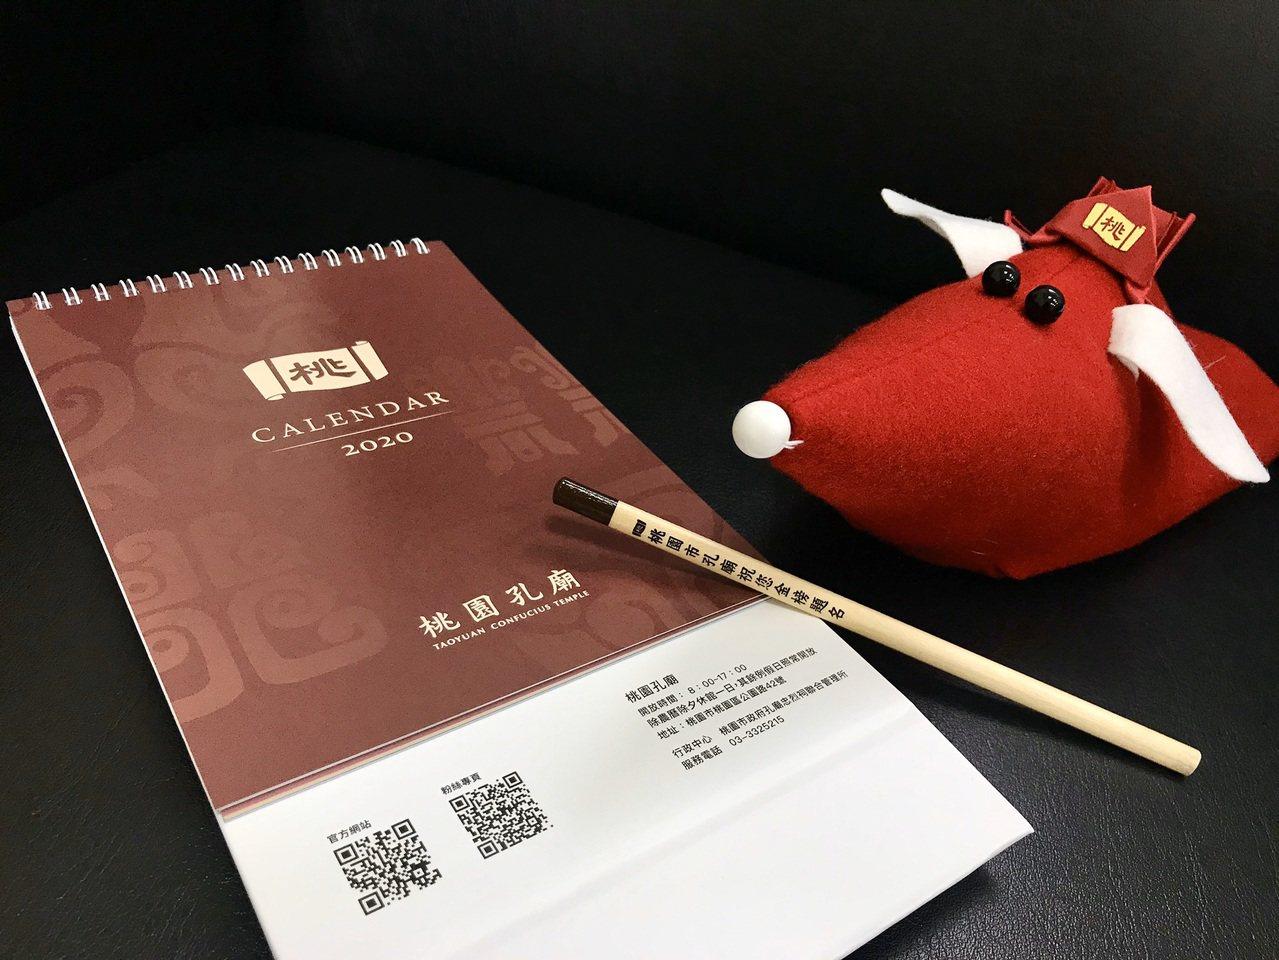 桃園孔廟在1月25日至1月29日,邀請民眾到孔廟剪鼠年吉祥春花,拍照打卡上傳臉書...